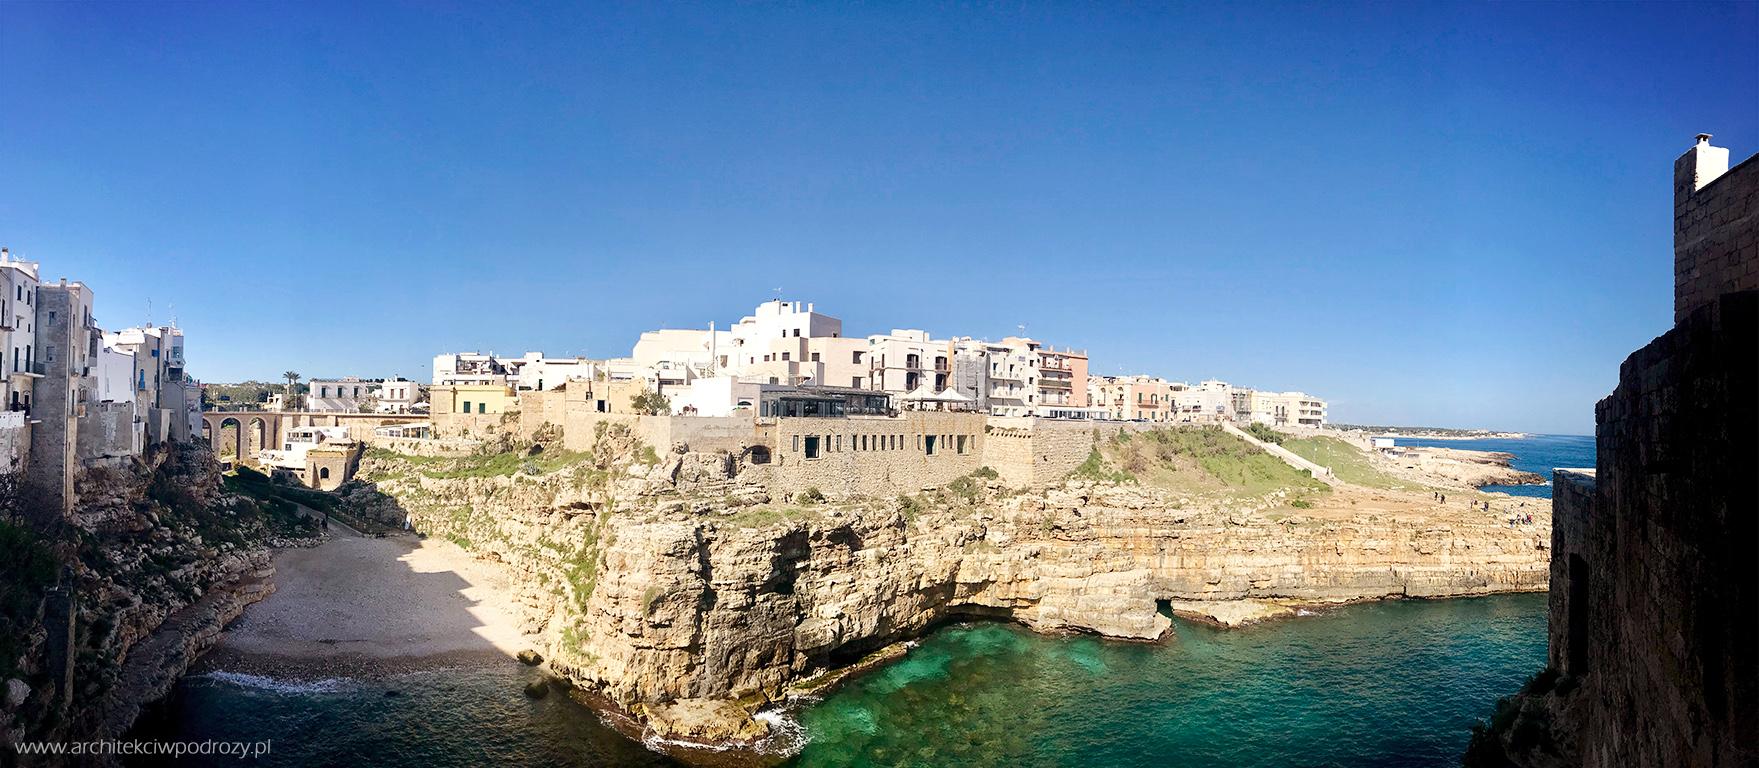 14 polignano - Południe Włoch